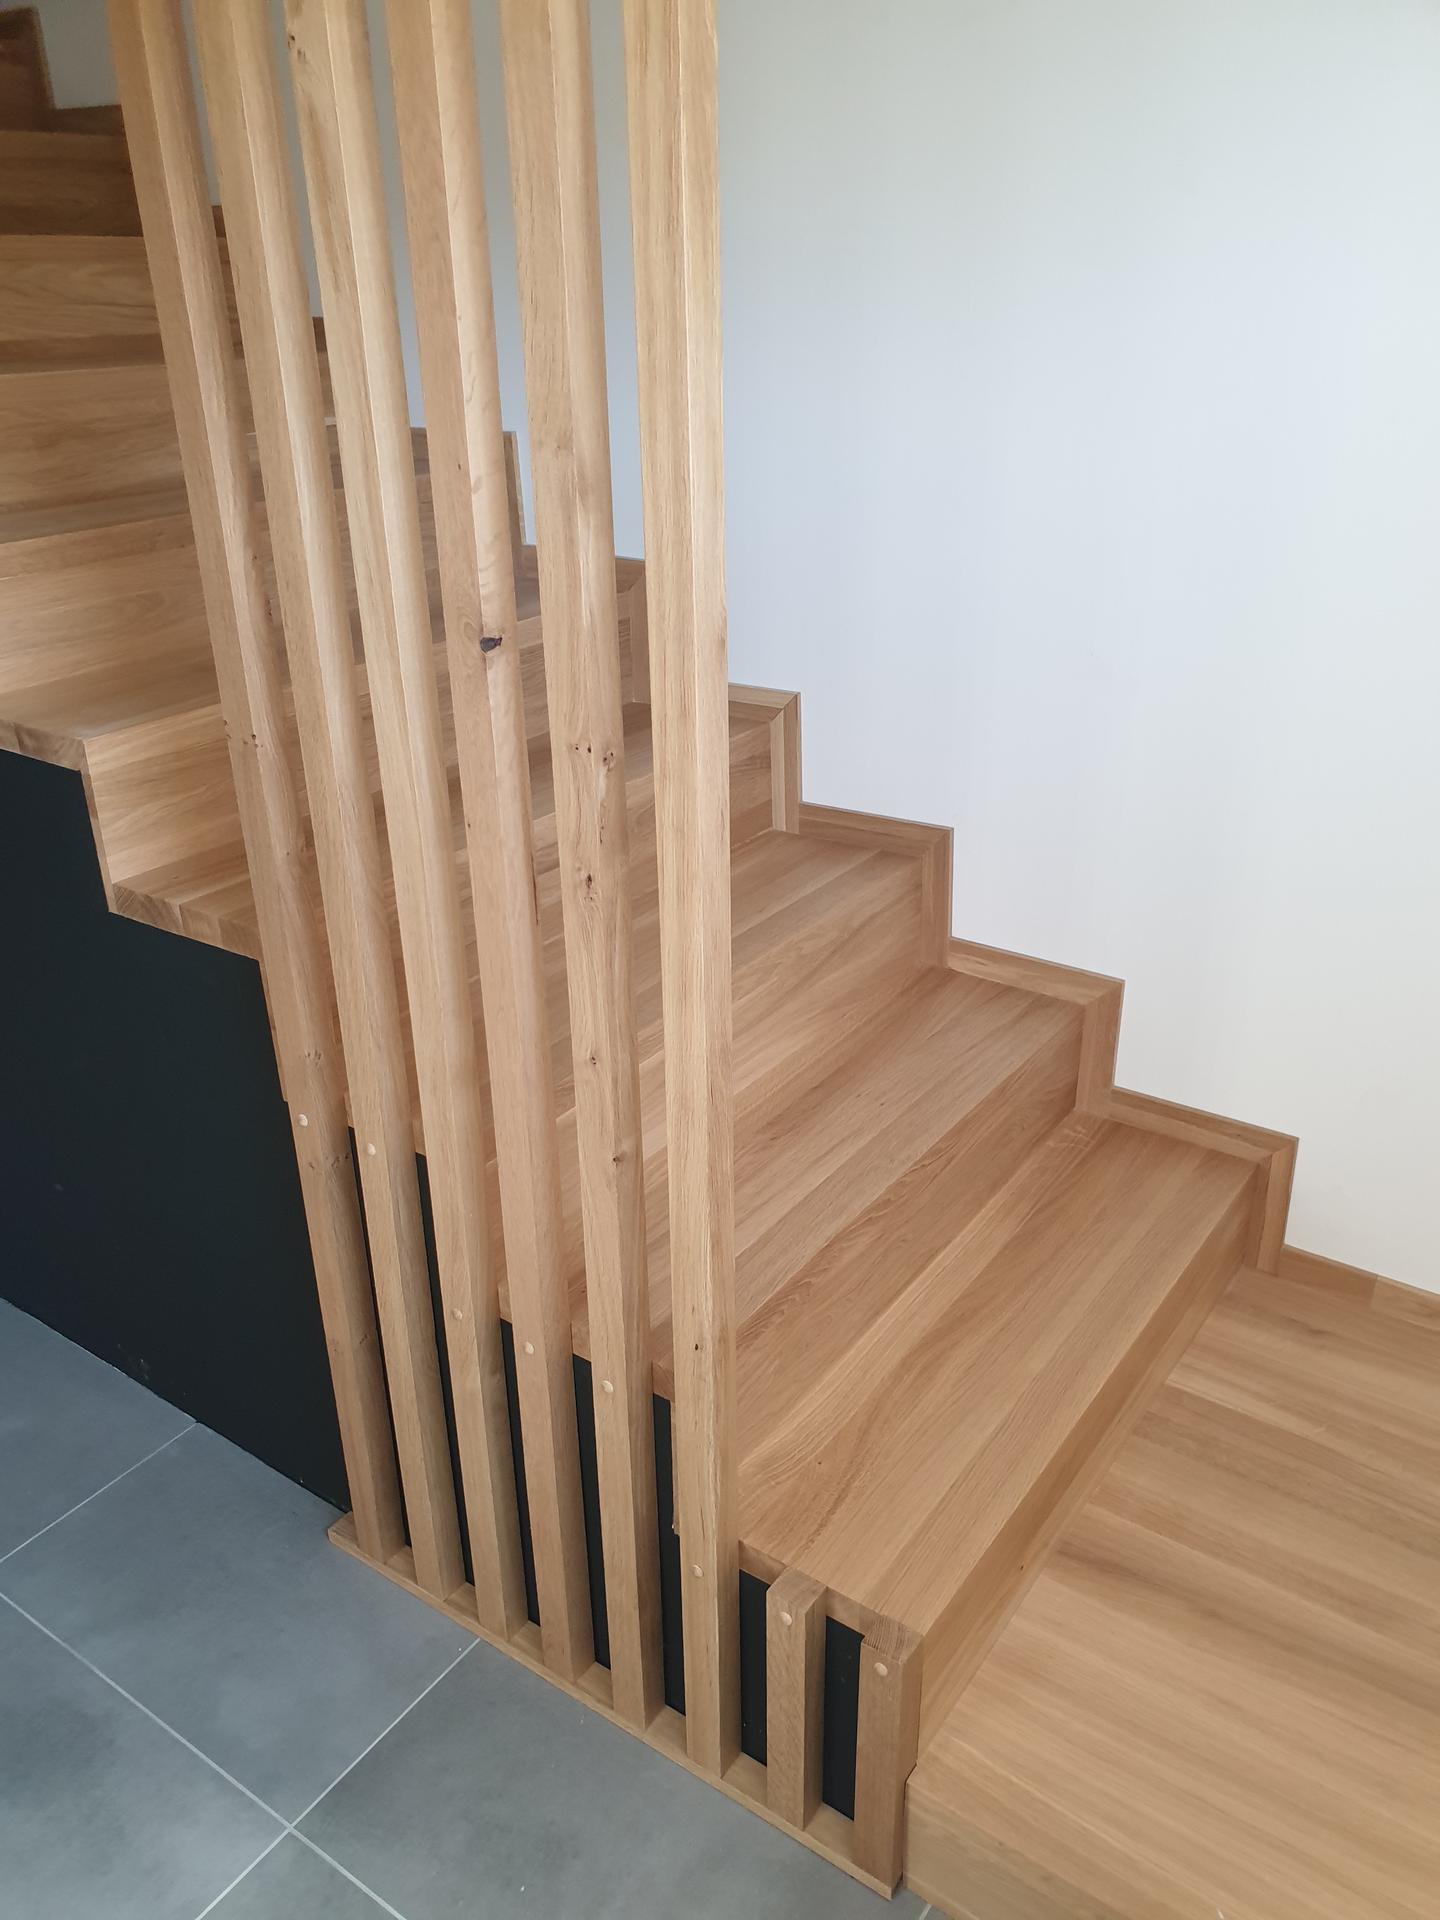 Moderné schodisko - DUB + lamely - Obrázok č. 5